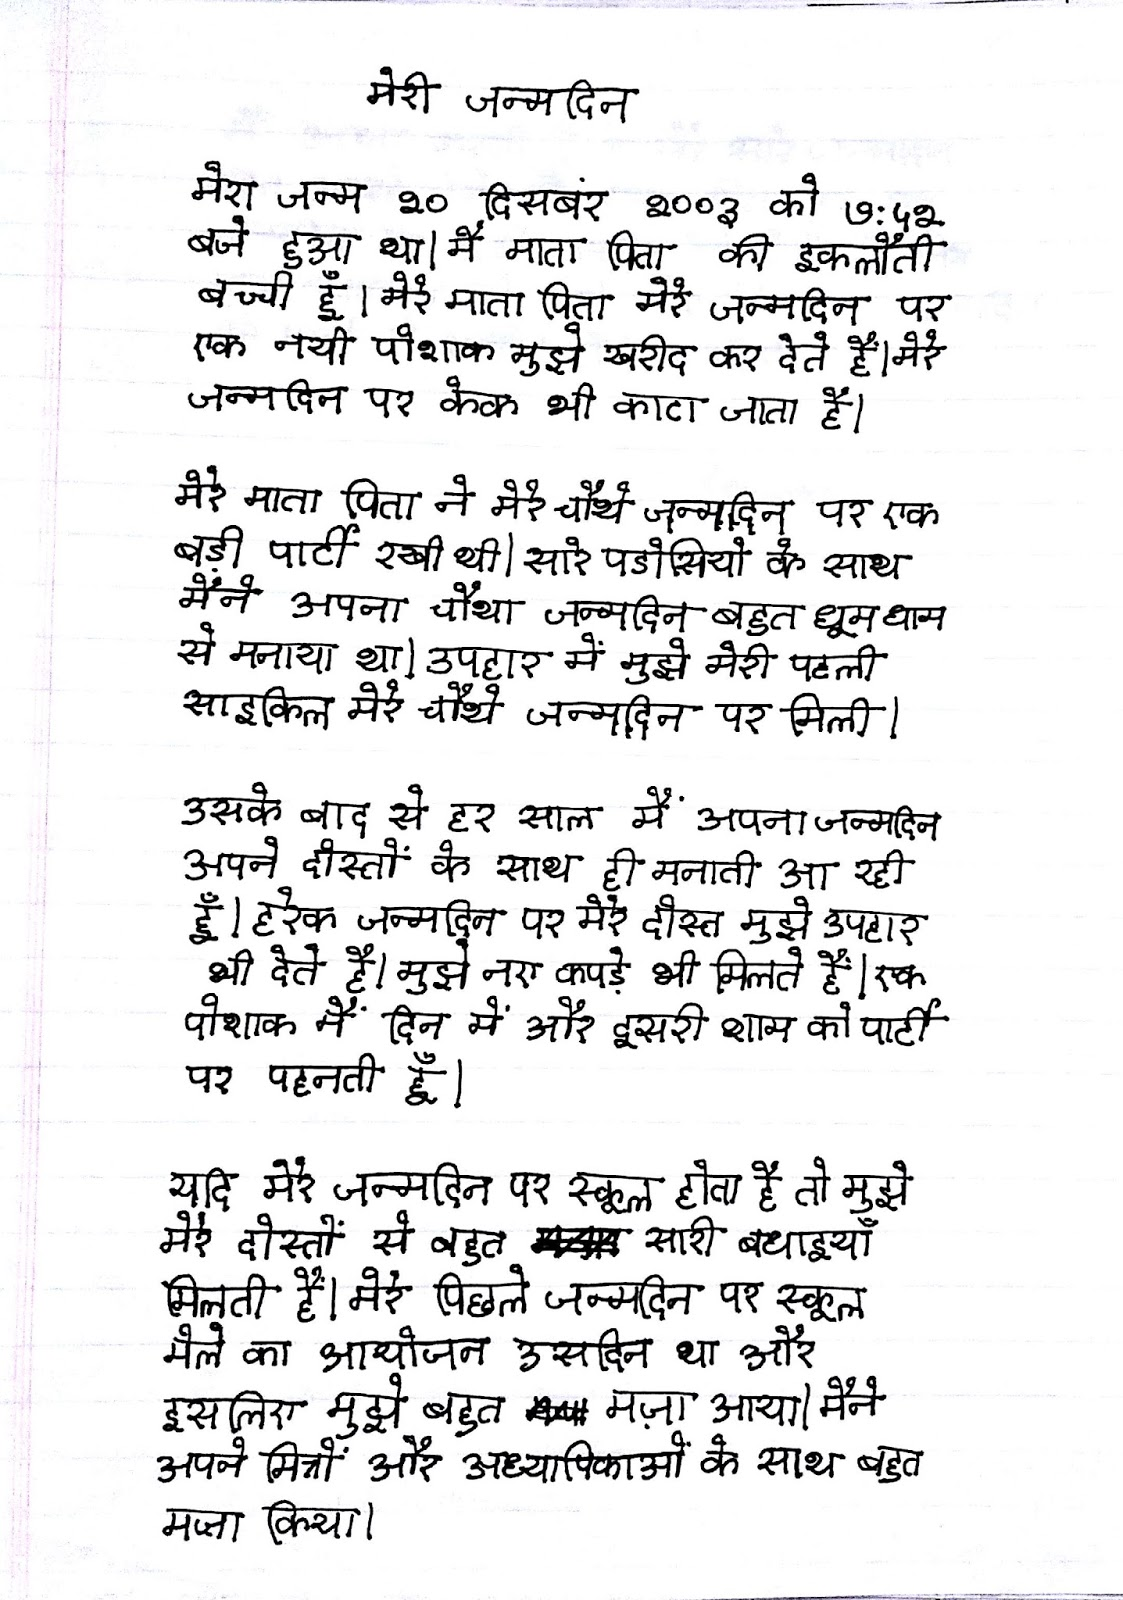 mera bagicha My garden essay in hindi : mera bagicha par nibandh मेरे घर में एक छोटा  सा सुंदर सा बगीचा है यह 100- 200 words hindi essays, notes, articles,.